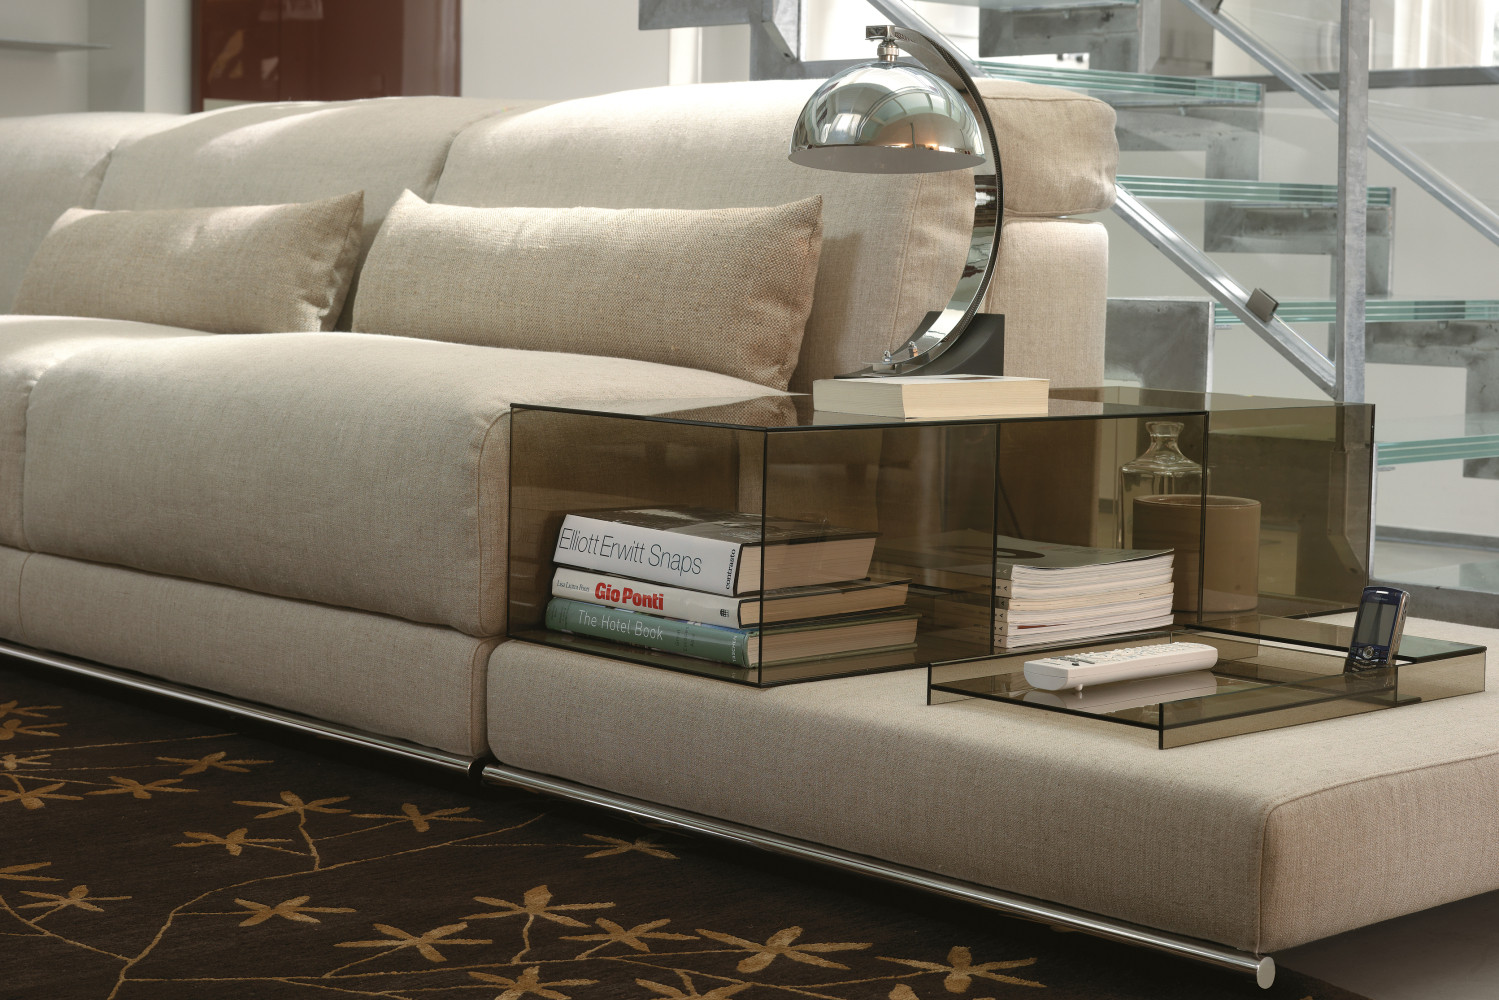 Cuscini rettangolari per divano joe - Cuscini decorativi letto ...